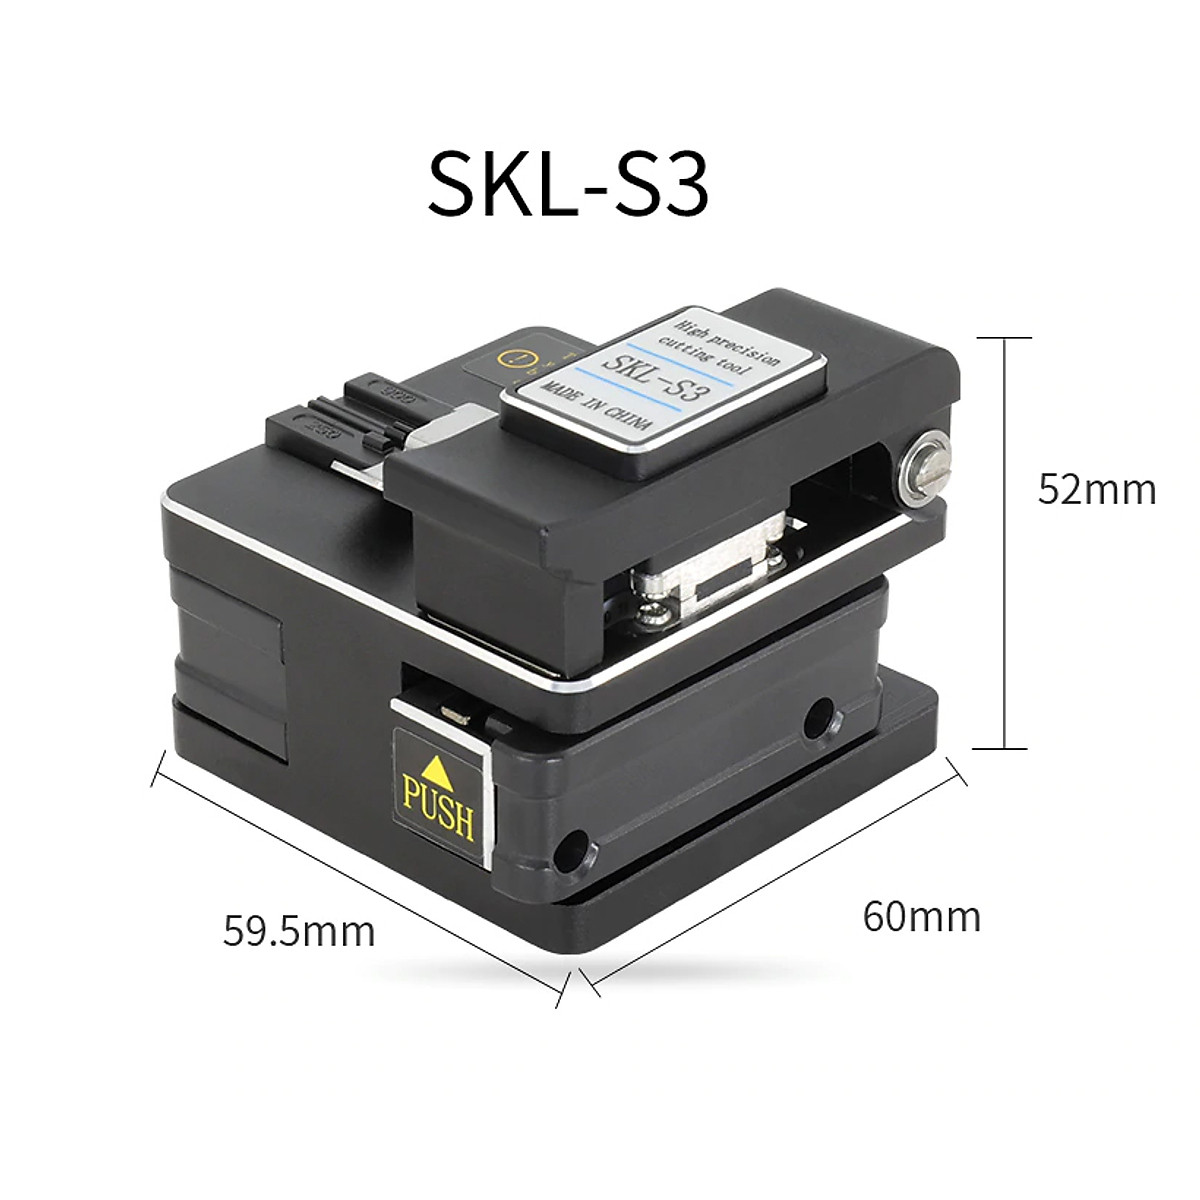 Dao cắt sợi Quang SKL-S3 có túi bảo vệ (đen)